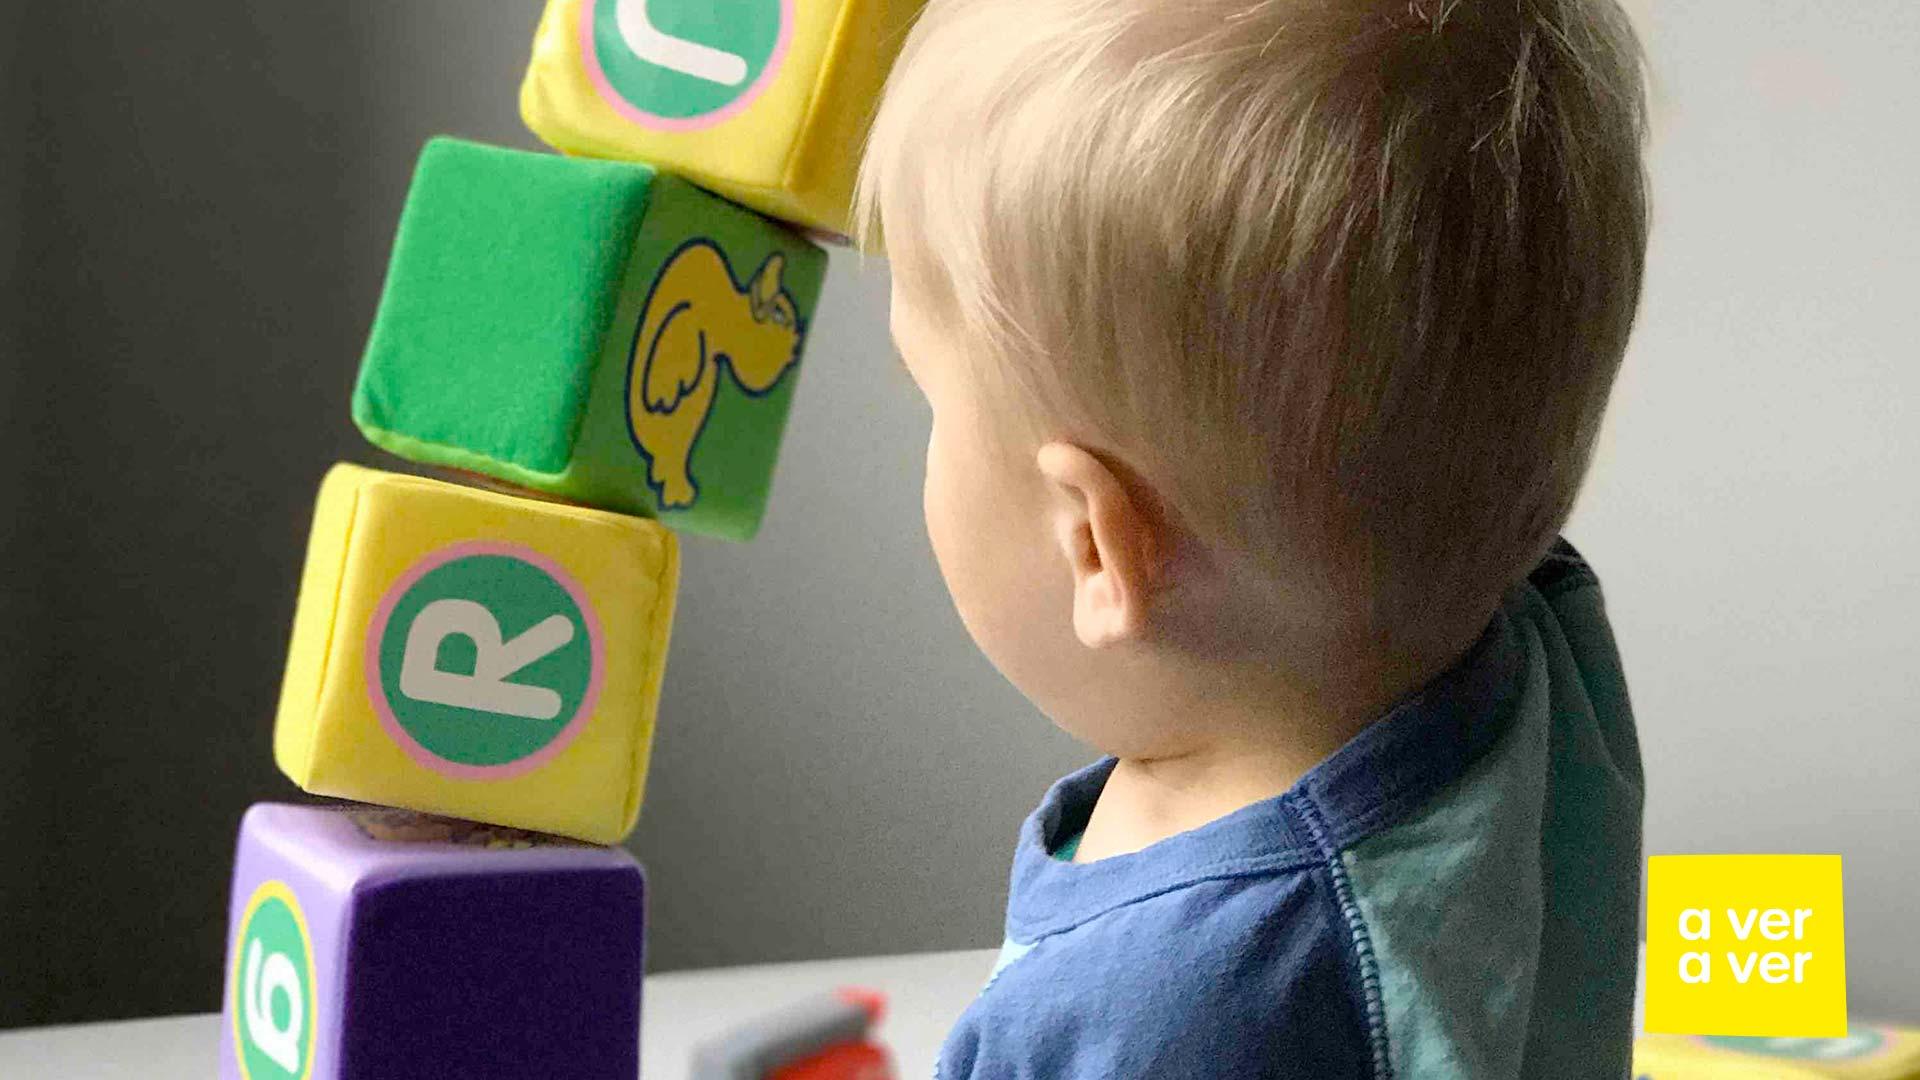 La concentración de los niños - a ver a ver